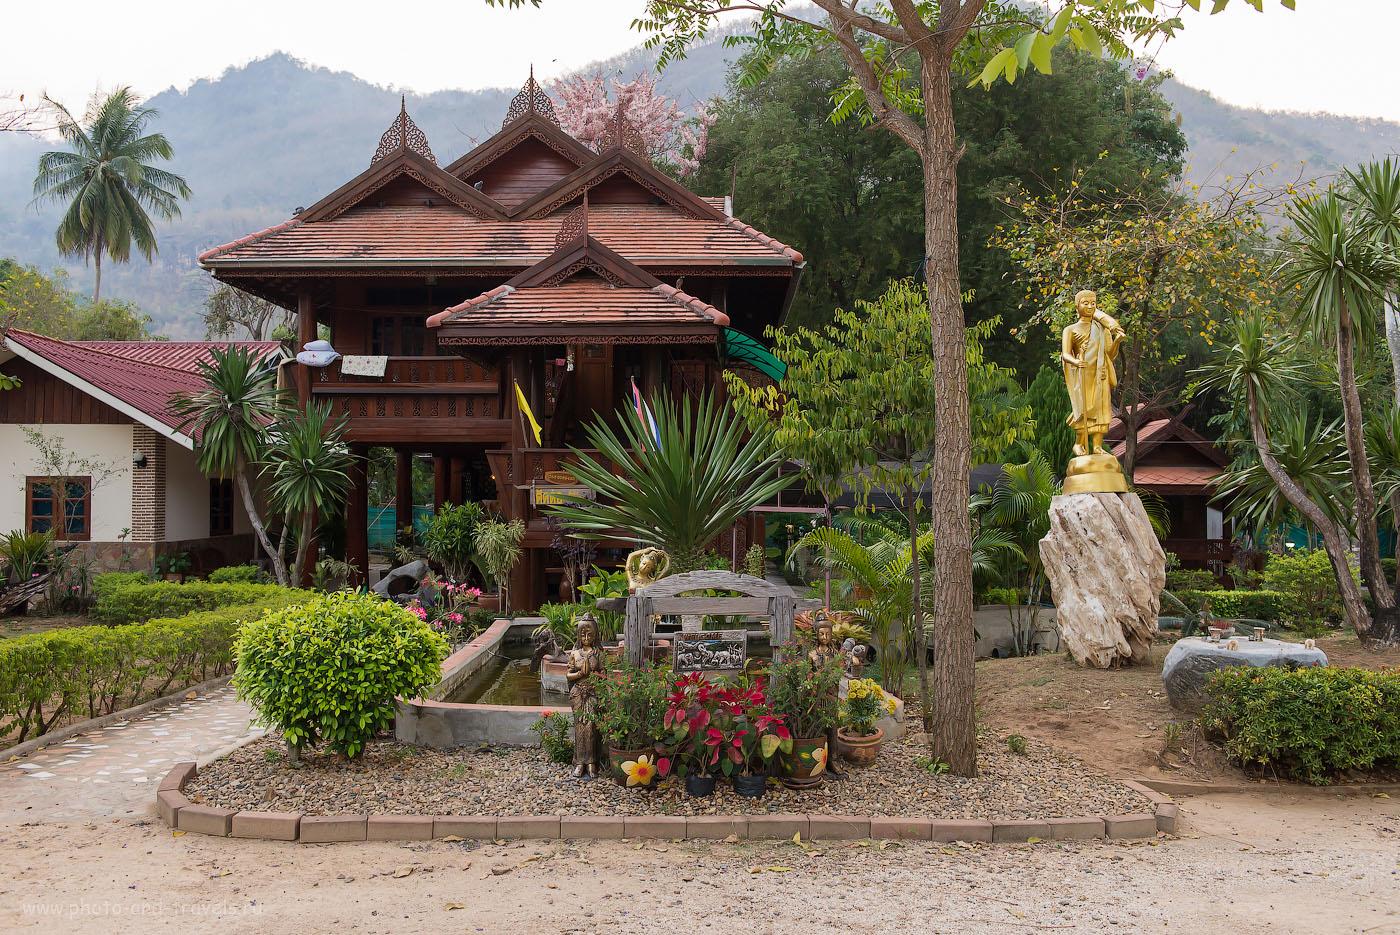 Фото 4. Отель на берегу реки Квай перед въездом в национальный парк Эраван (1250, 32, 6.3, 1/50)